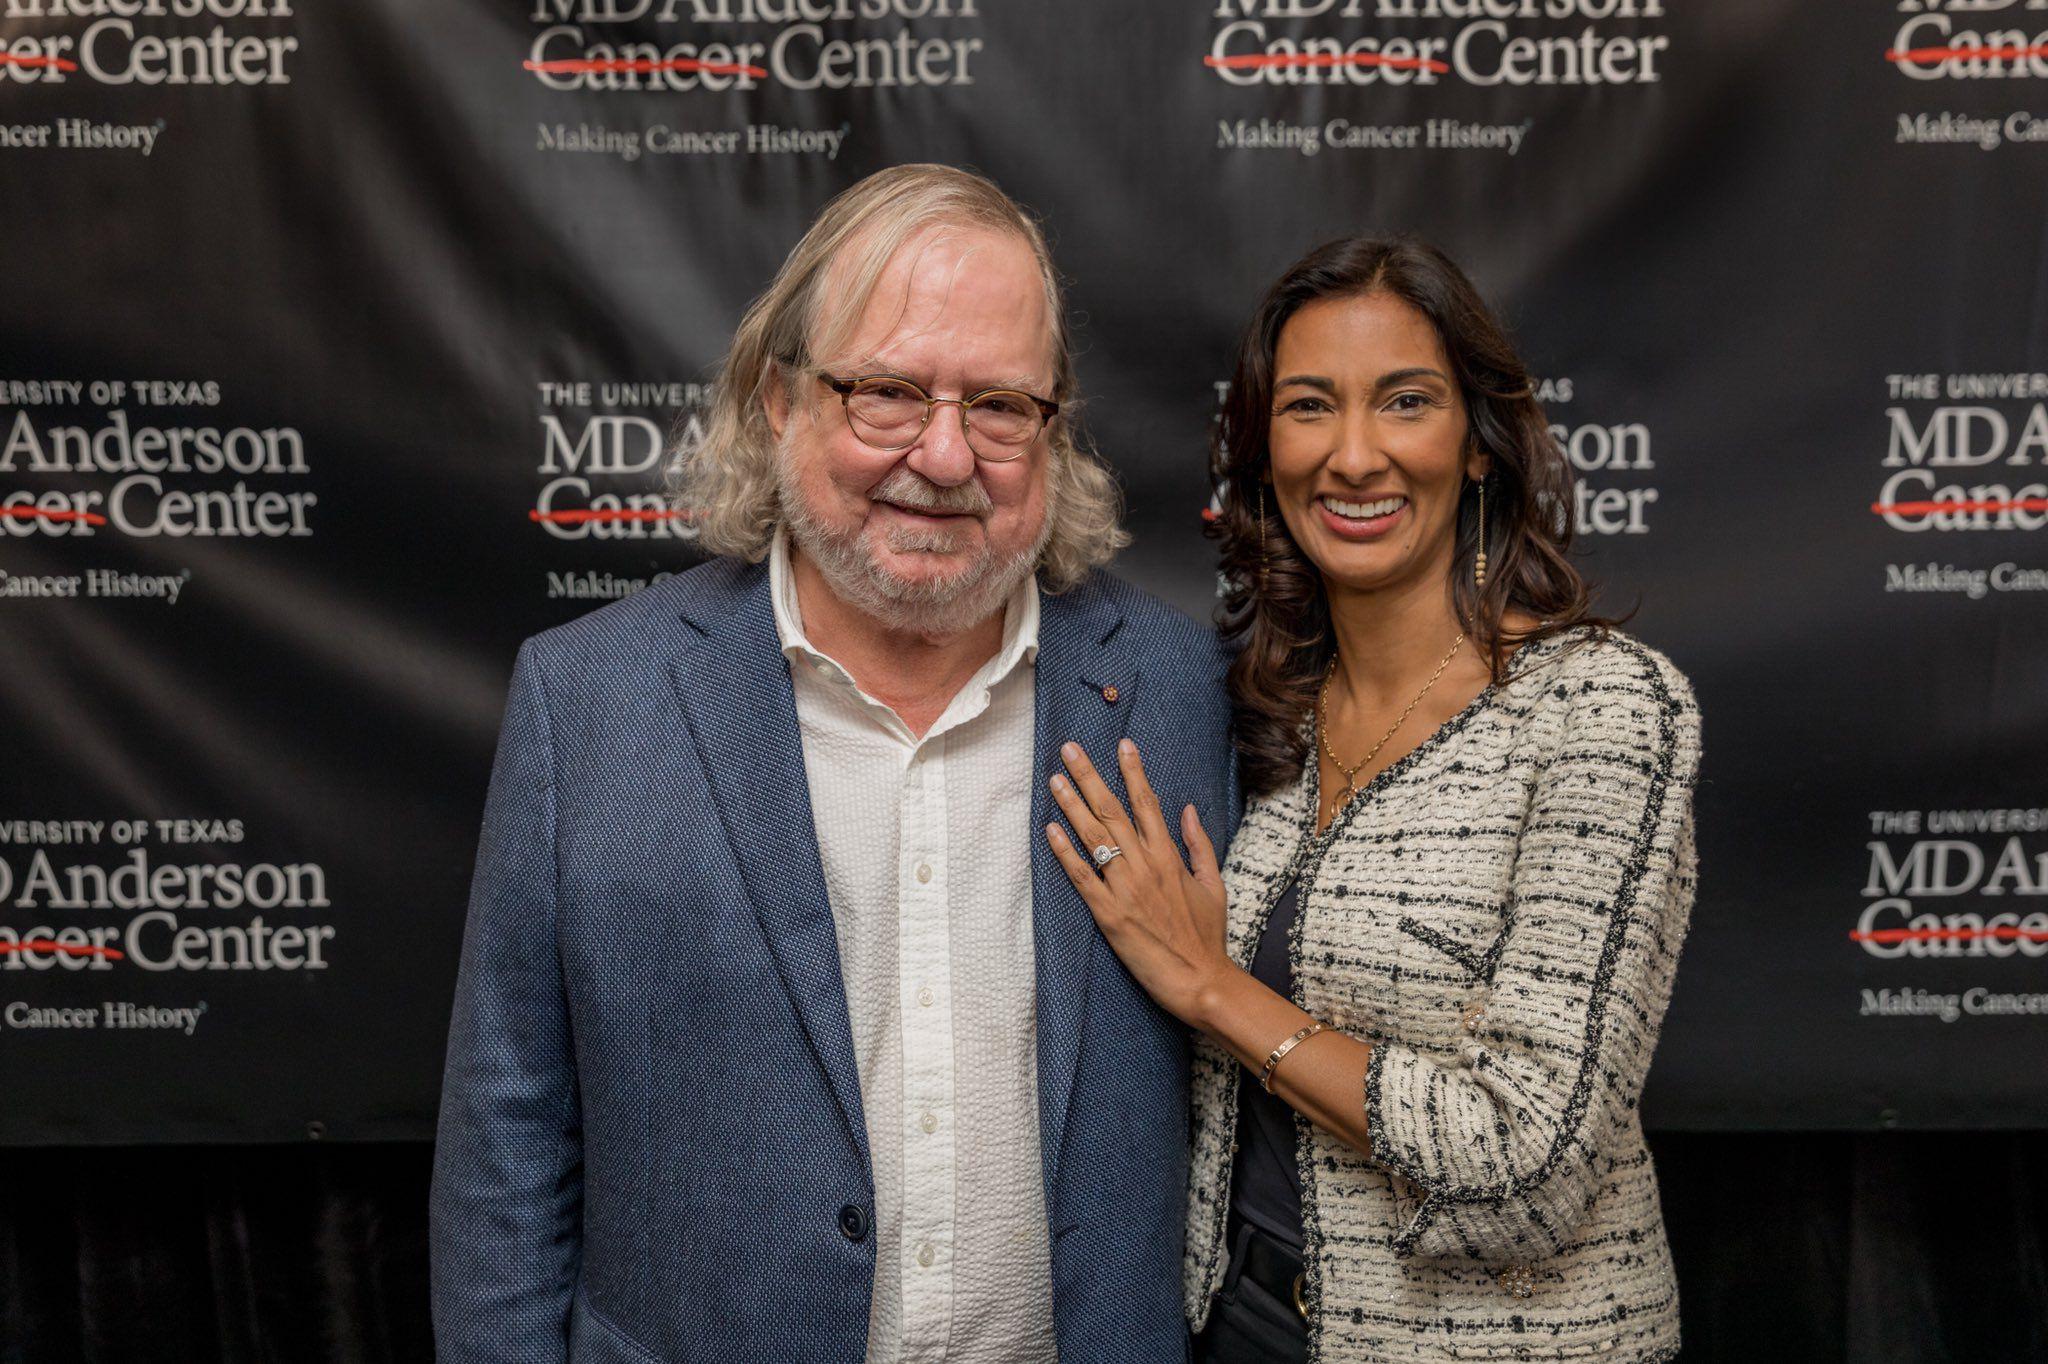 James Allison, junto con su segunda esposa Padmanee Sharma, con quien sigue investigando en el MD Anderson Center, en los Estados Unidos /MD Anderson Center